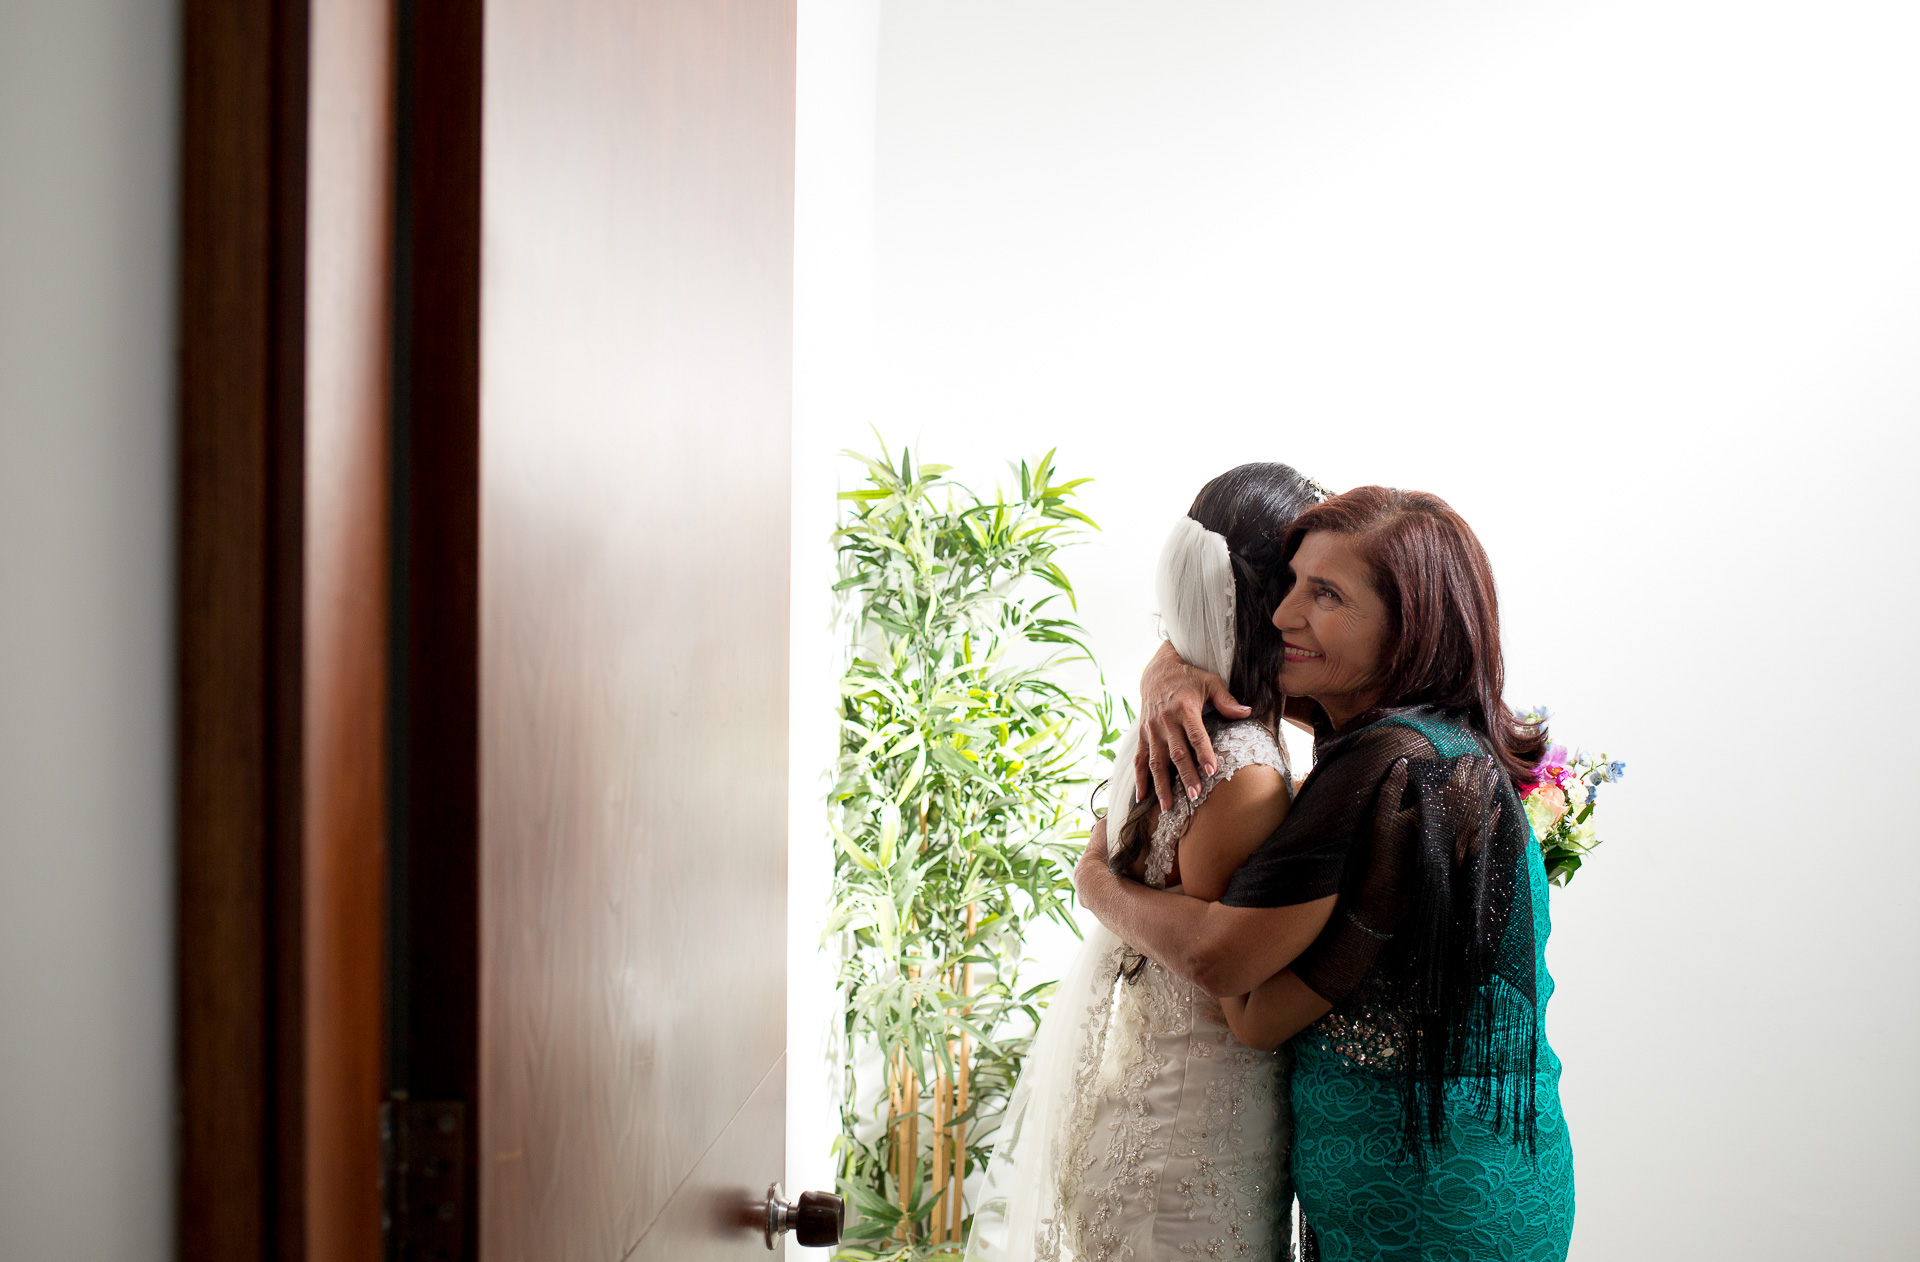 Fotógrafos-de-bodas-en-Colombia-Alejandro-y-Angelica-12 ALEJANDRO + ANGELICA